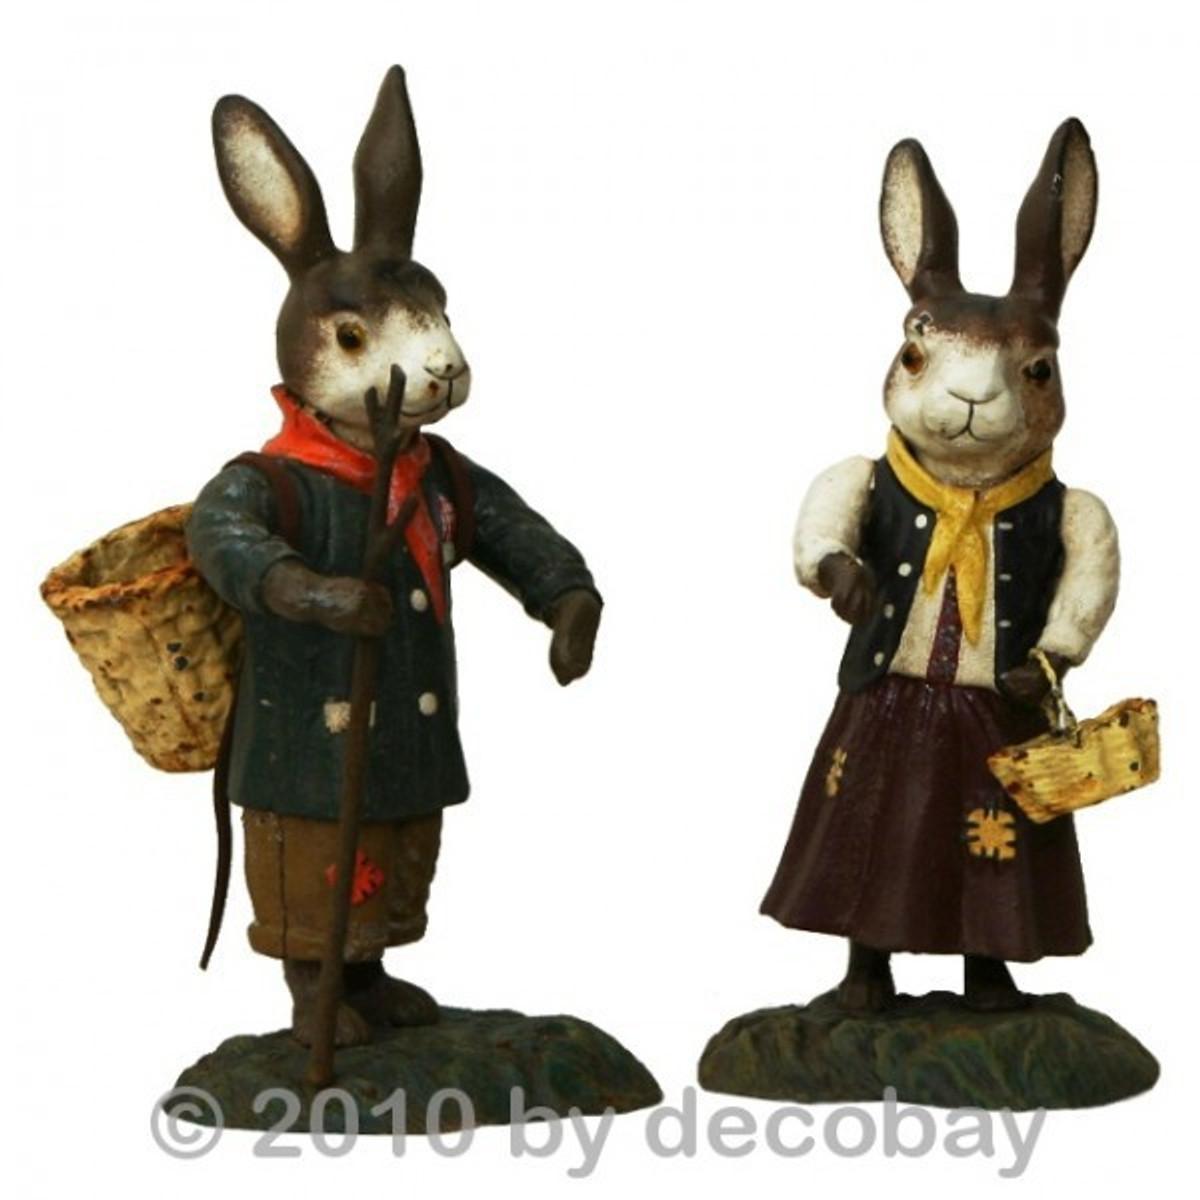 Hasen Figur als Deko , die 2 Tierfiguren zeigt, einen Hase und eine Häsin.